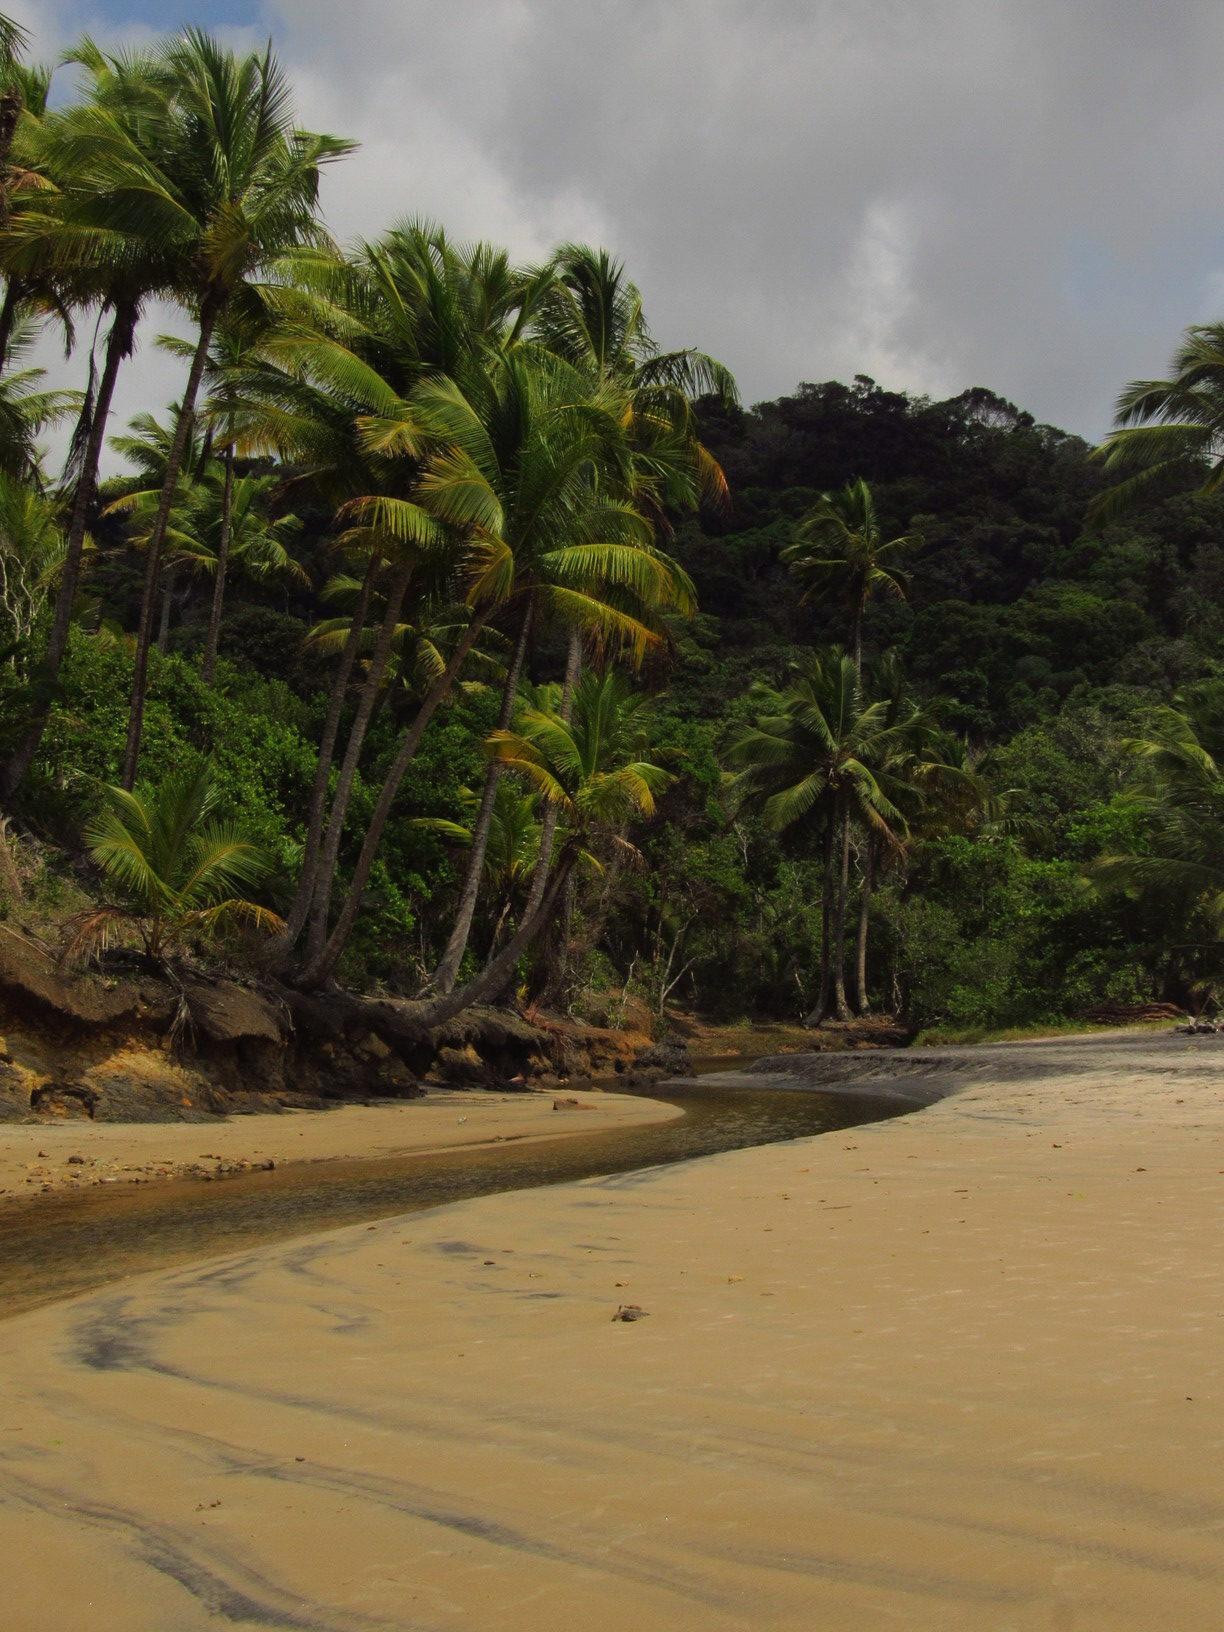 trilha das 4 praias em itacare bahia